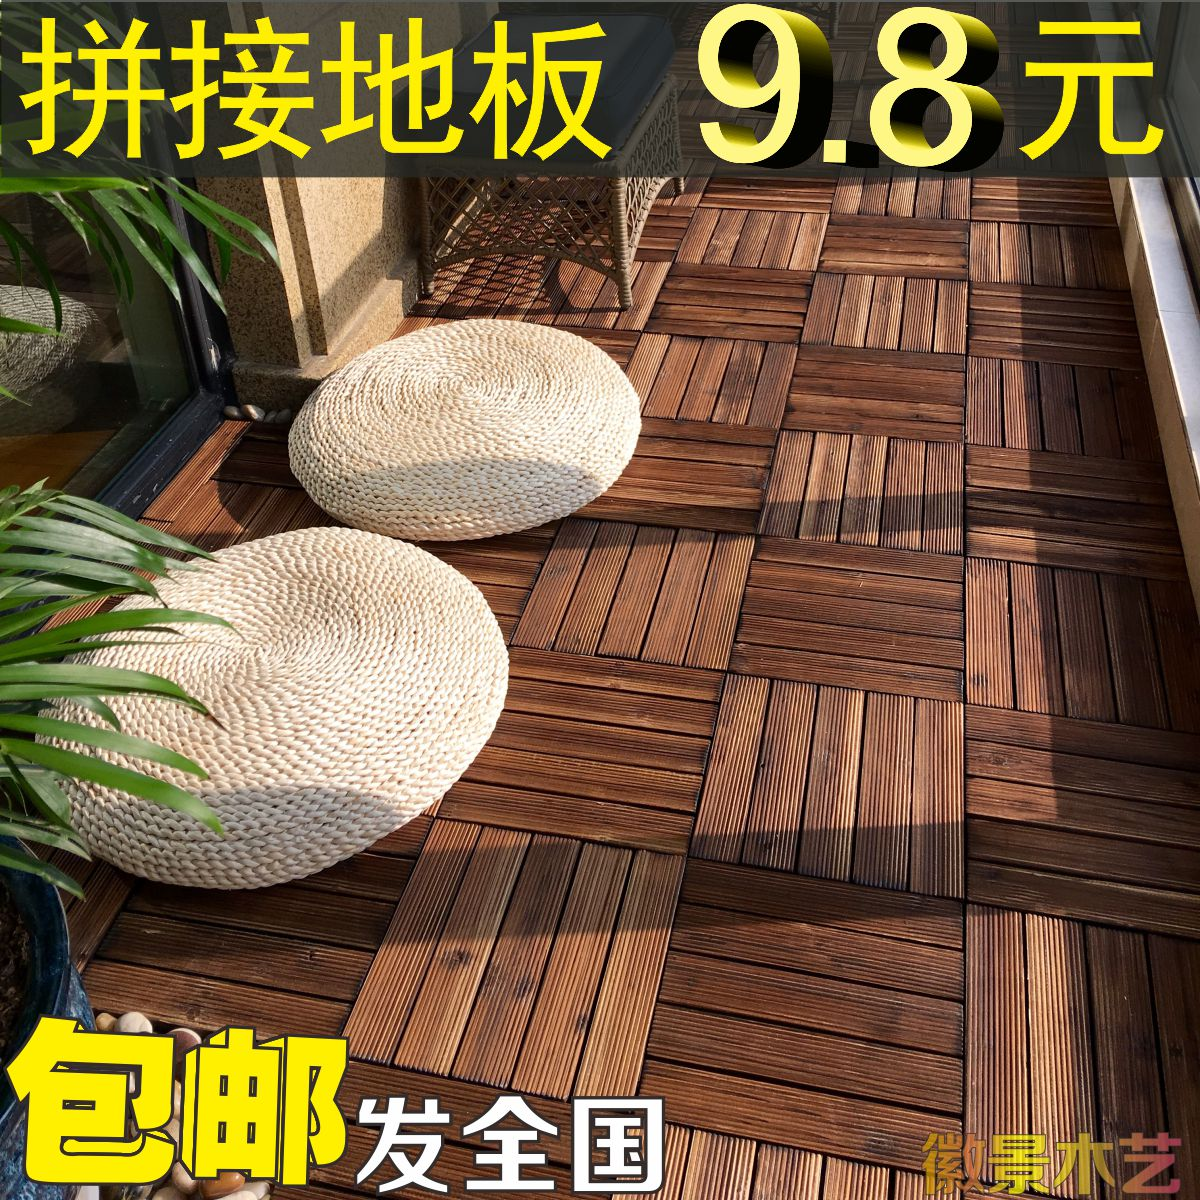 Produit de préservation du bois en terrasse extérieure de type carbure de plancher en bois balcon antiquité le jardin de tapis de sol en bois massif d'épissage de pension